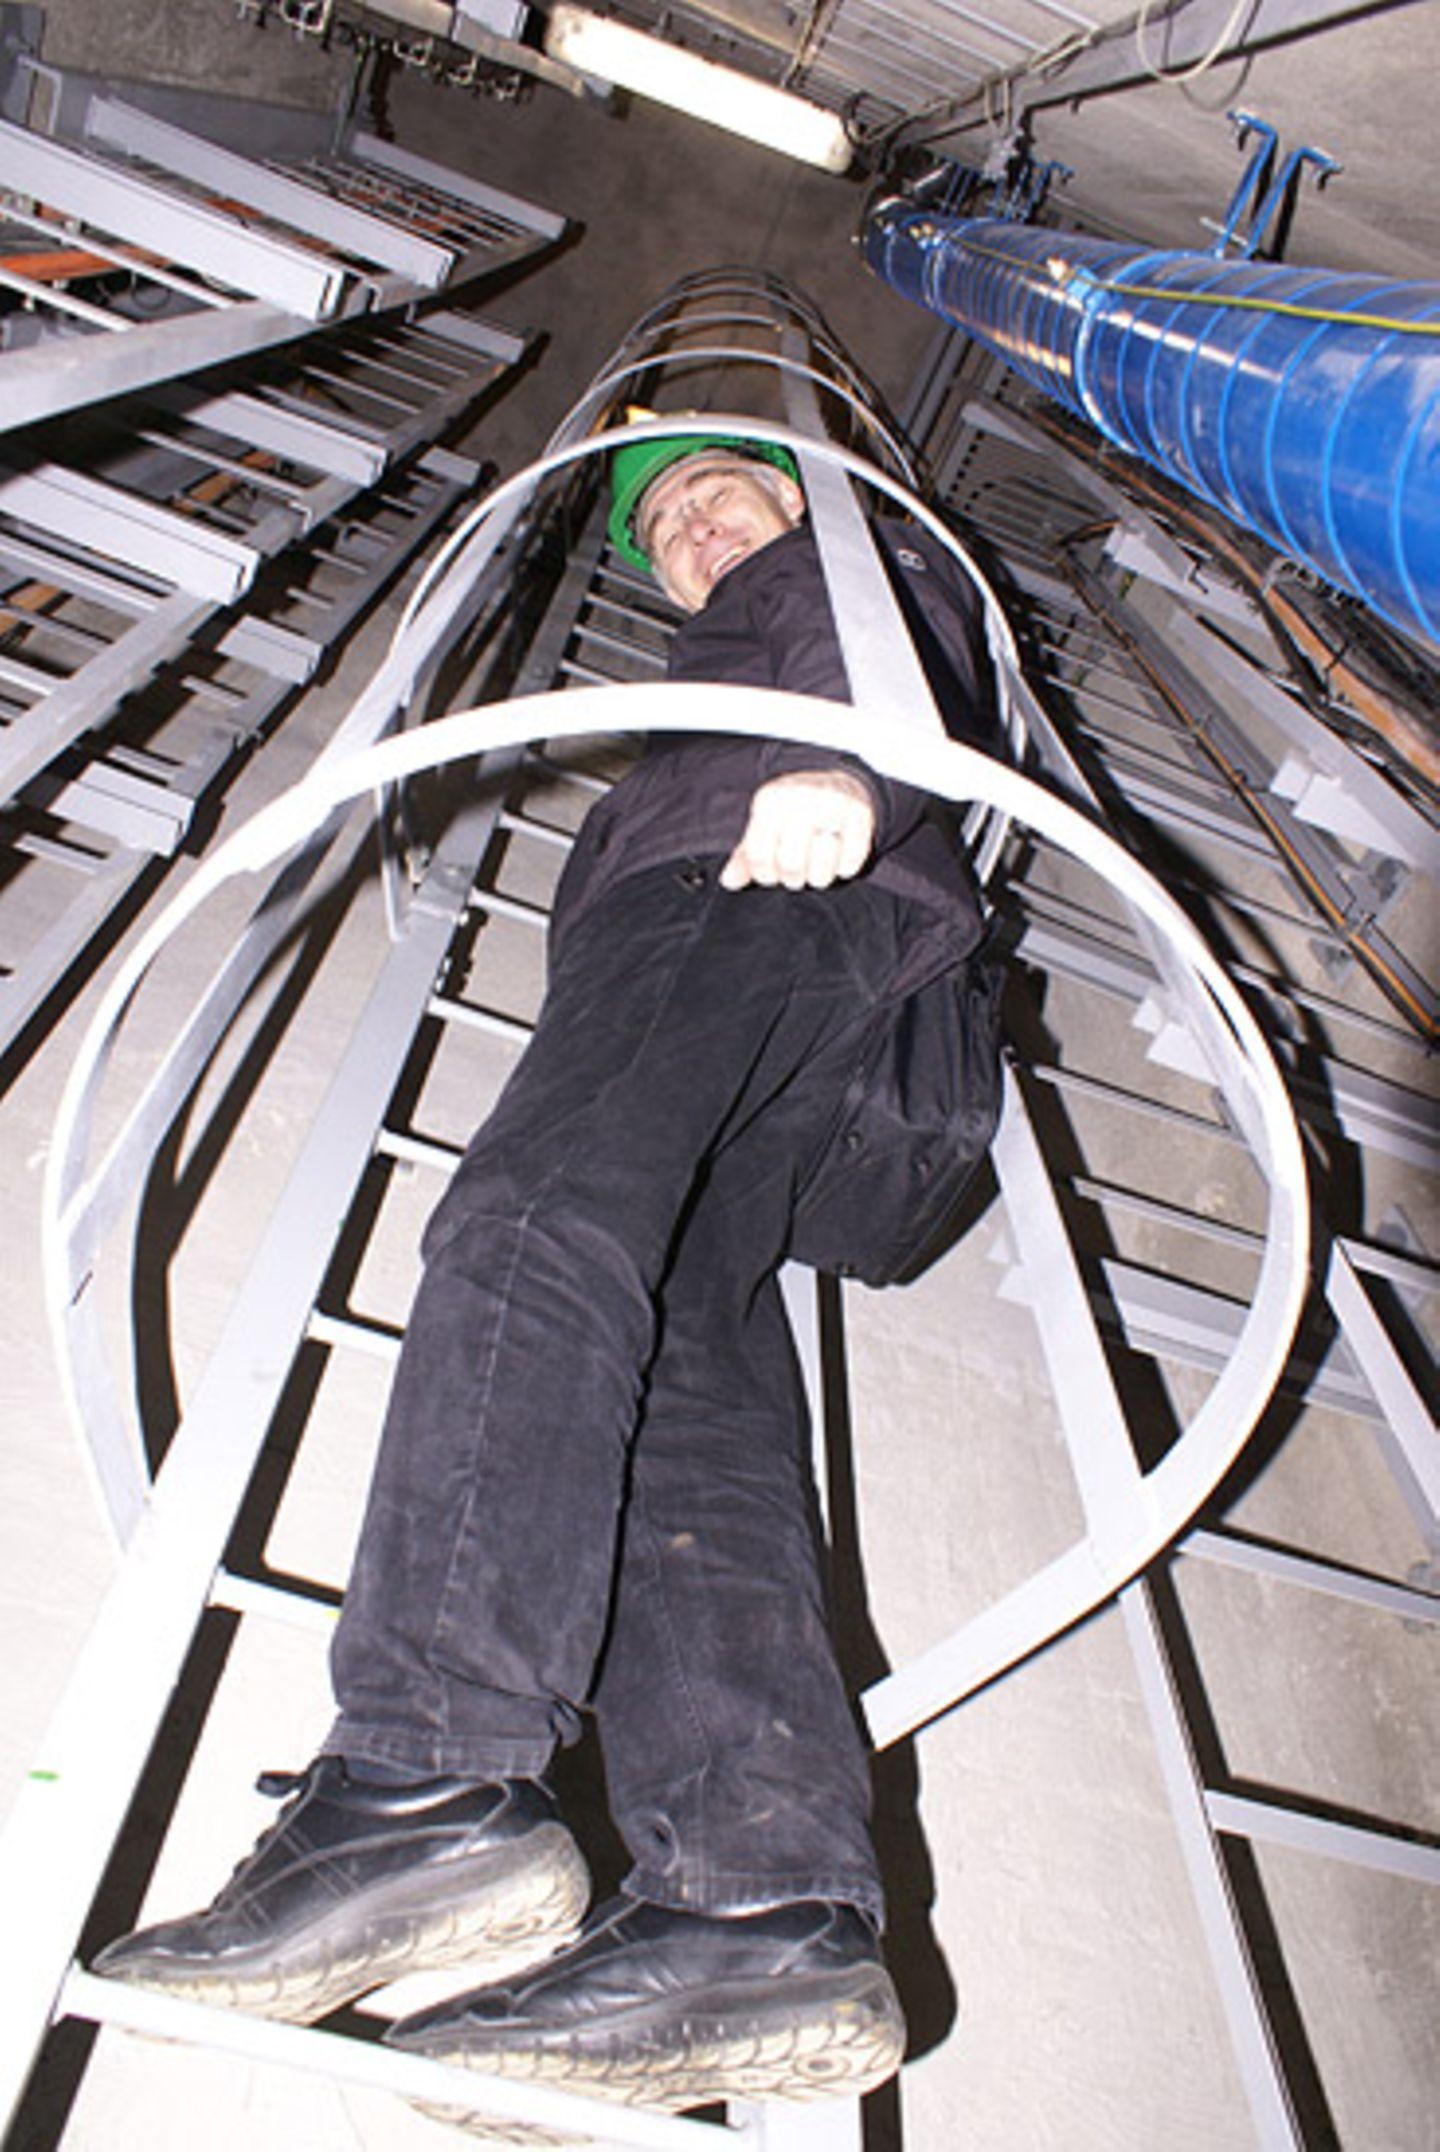 GEO-Reporter unterwegs: Fotogalerie: GEO-Reporter unterwegs - Bild 35